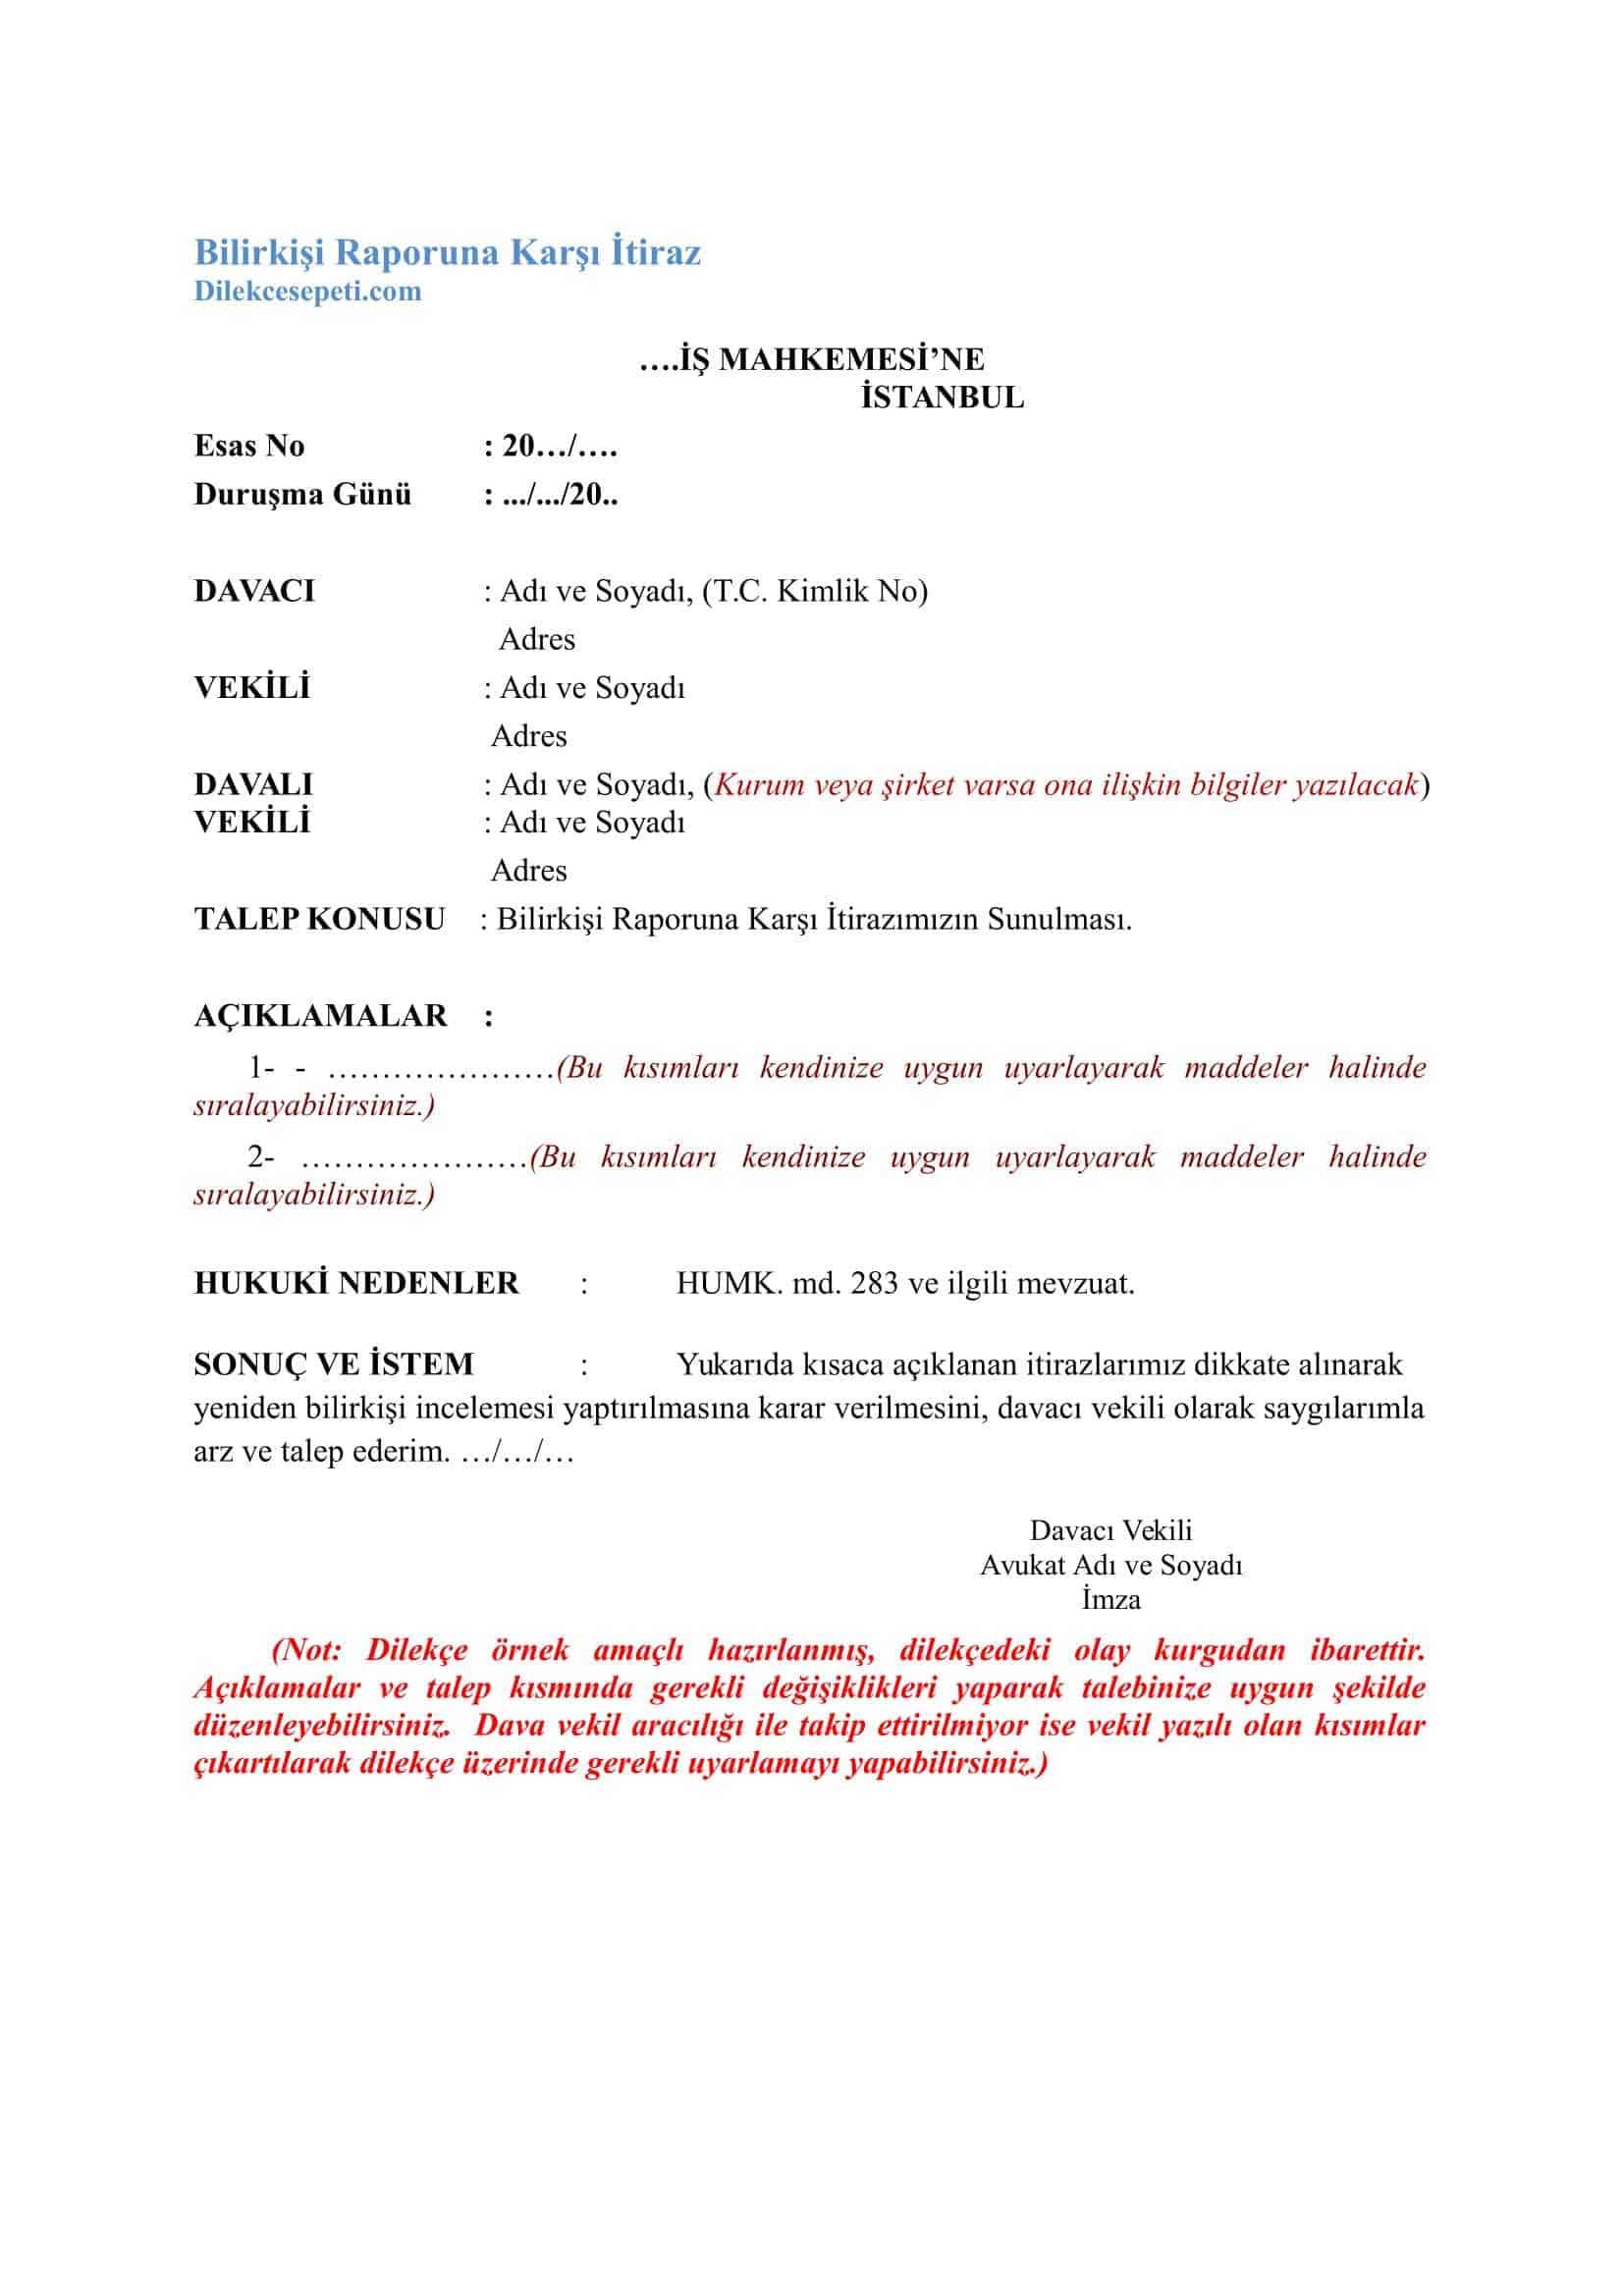 Bilirkişi raporuna itiraz dilekçesi iş mahkemesi için